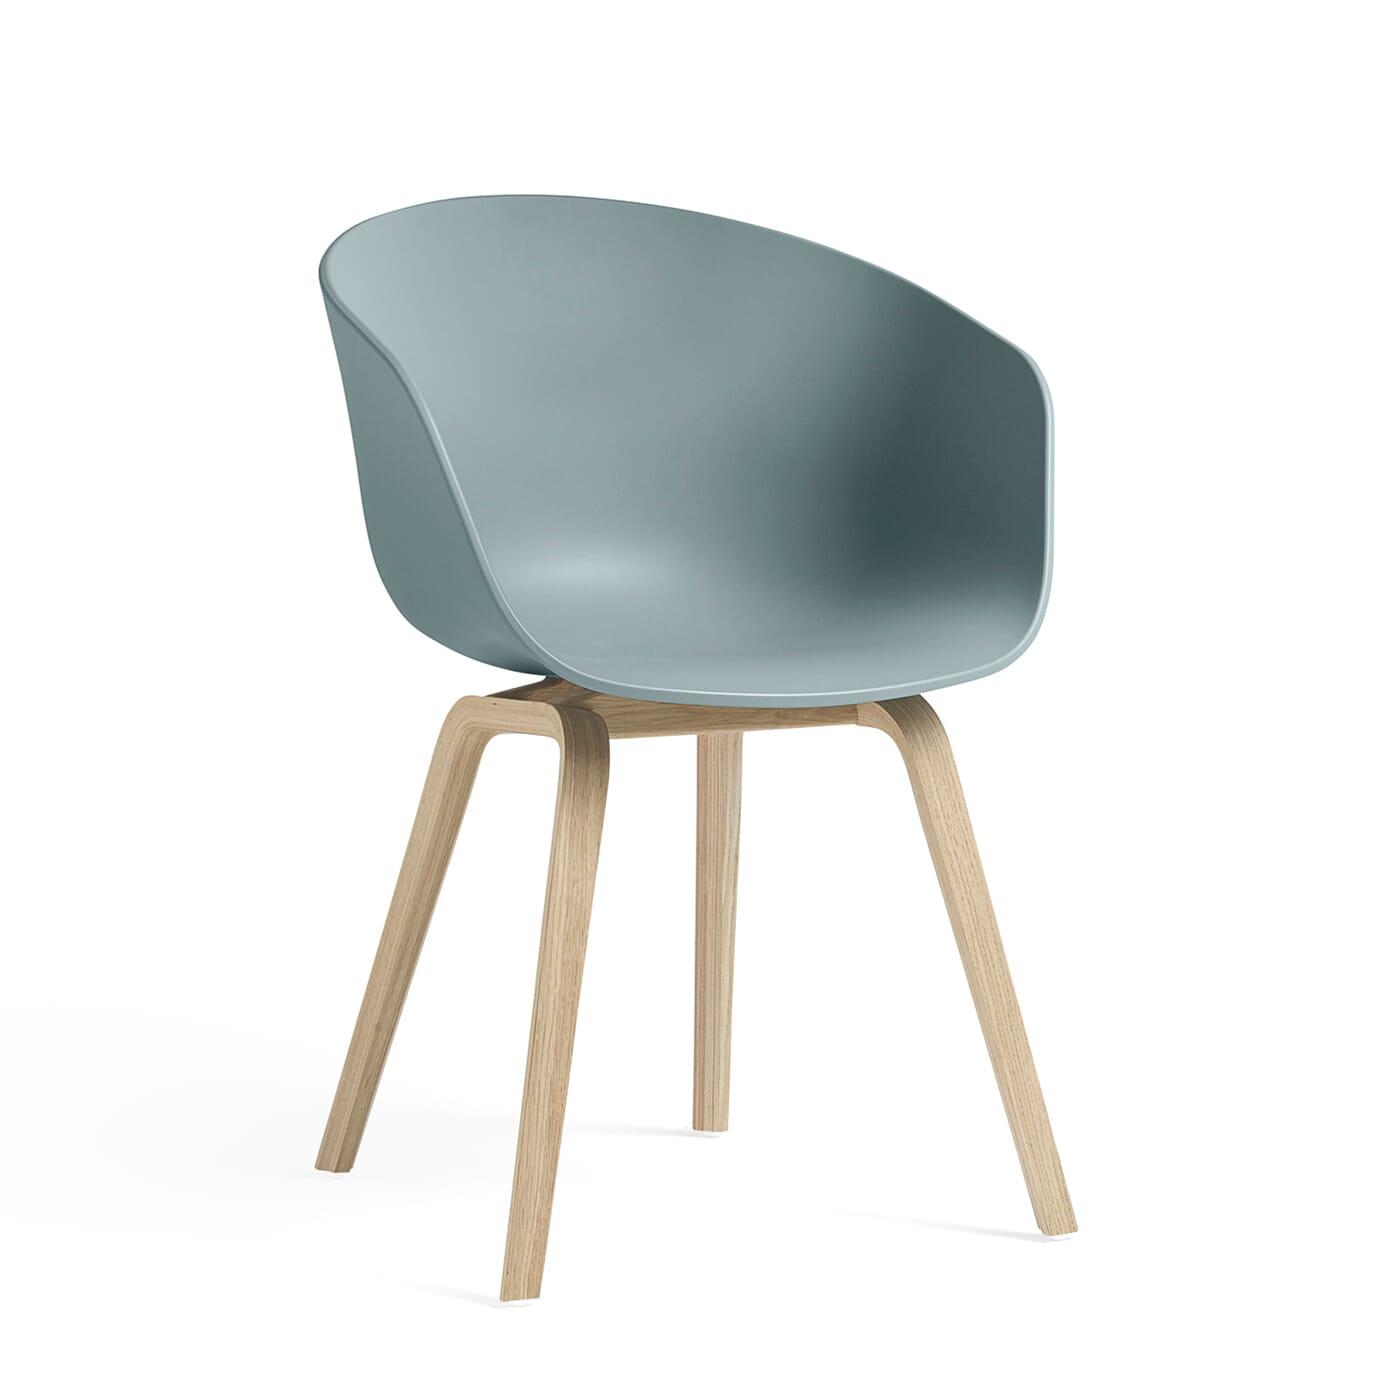 Bilde av About a Chair AAC22 Dusty blue